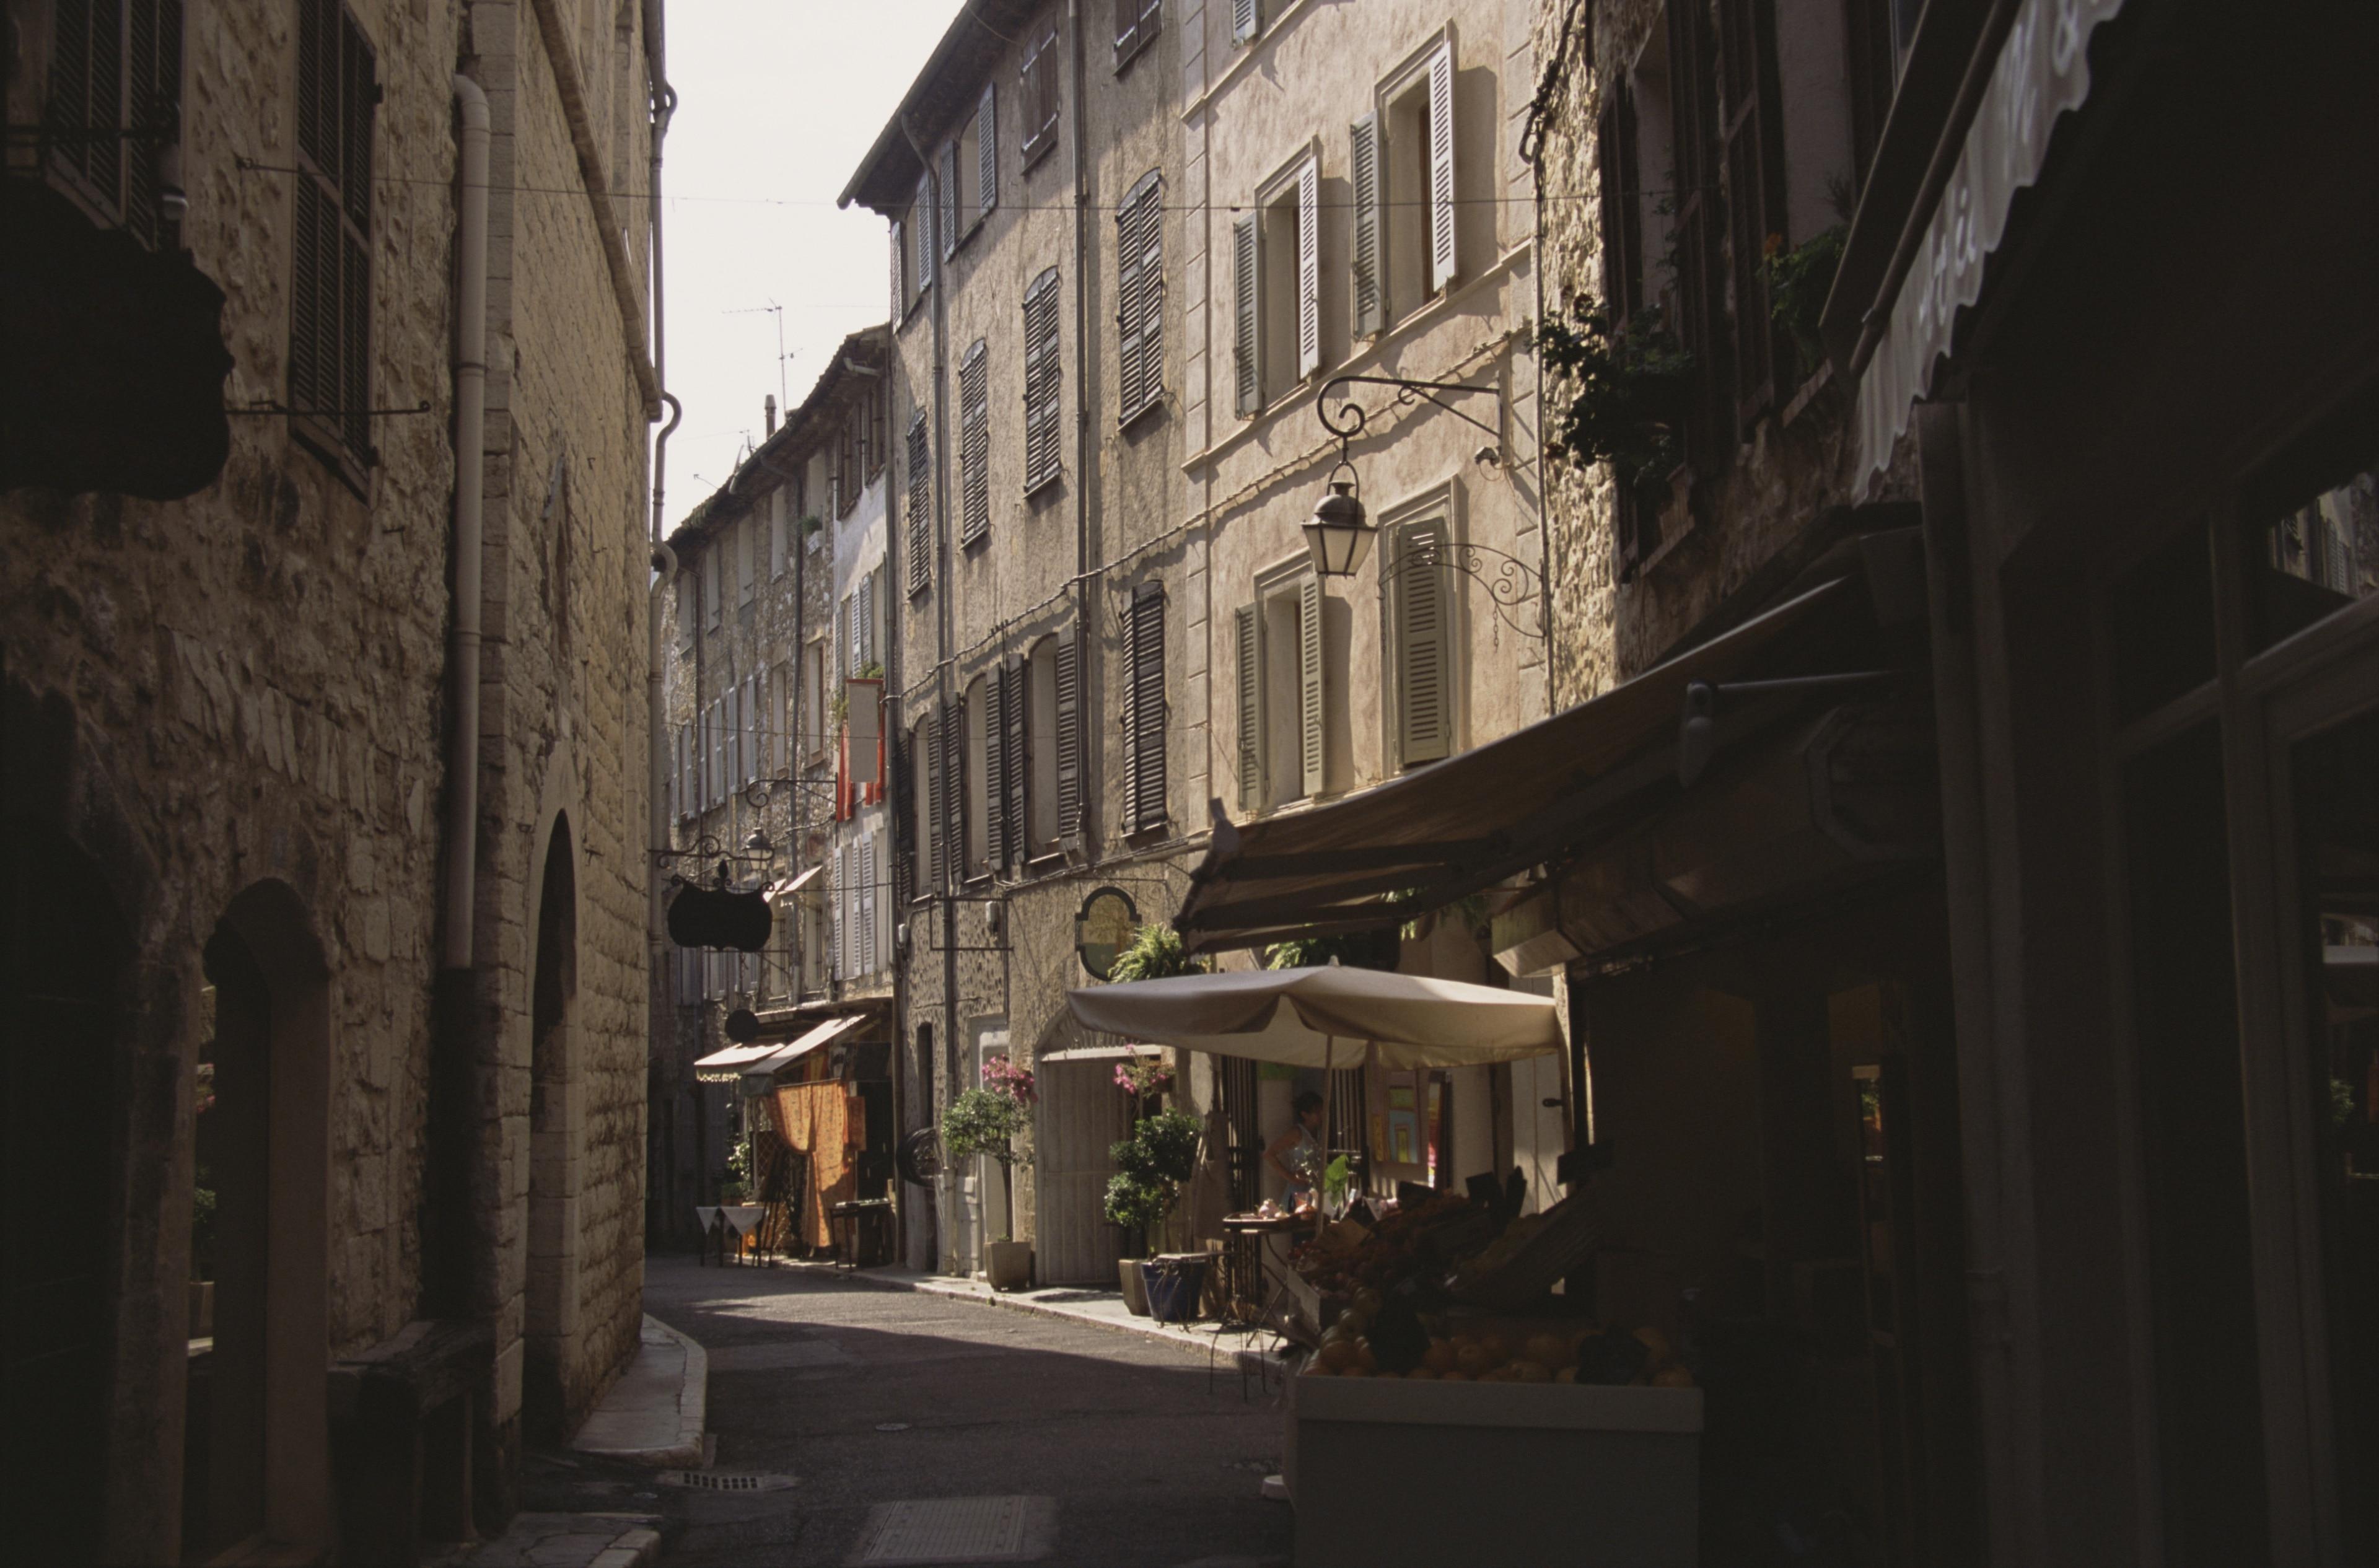 Vence, Alpes-Maritimes, Frankrike